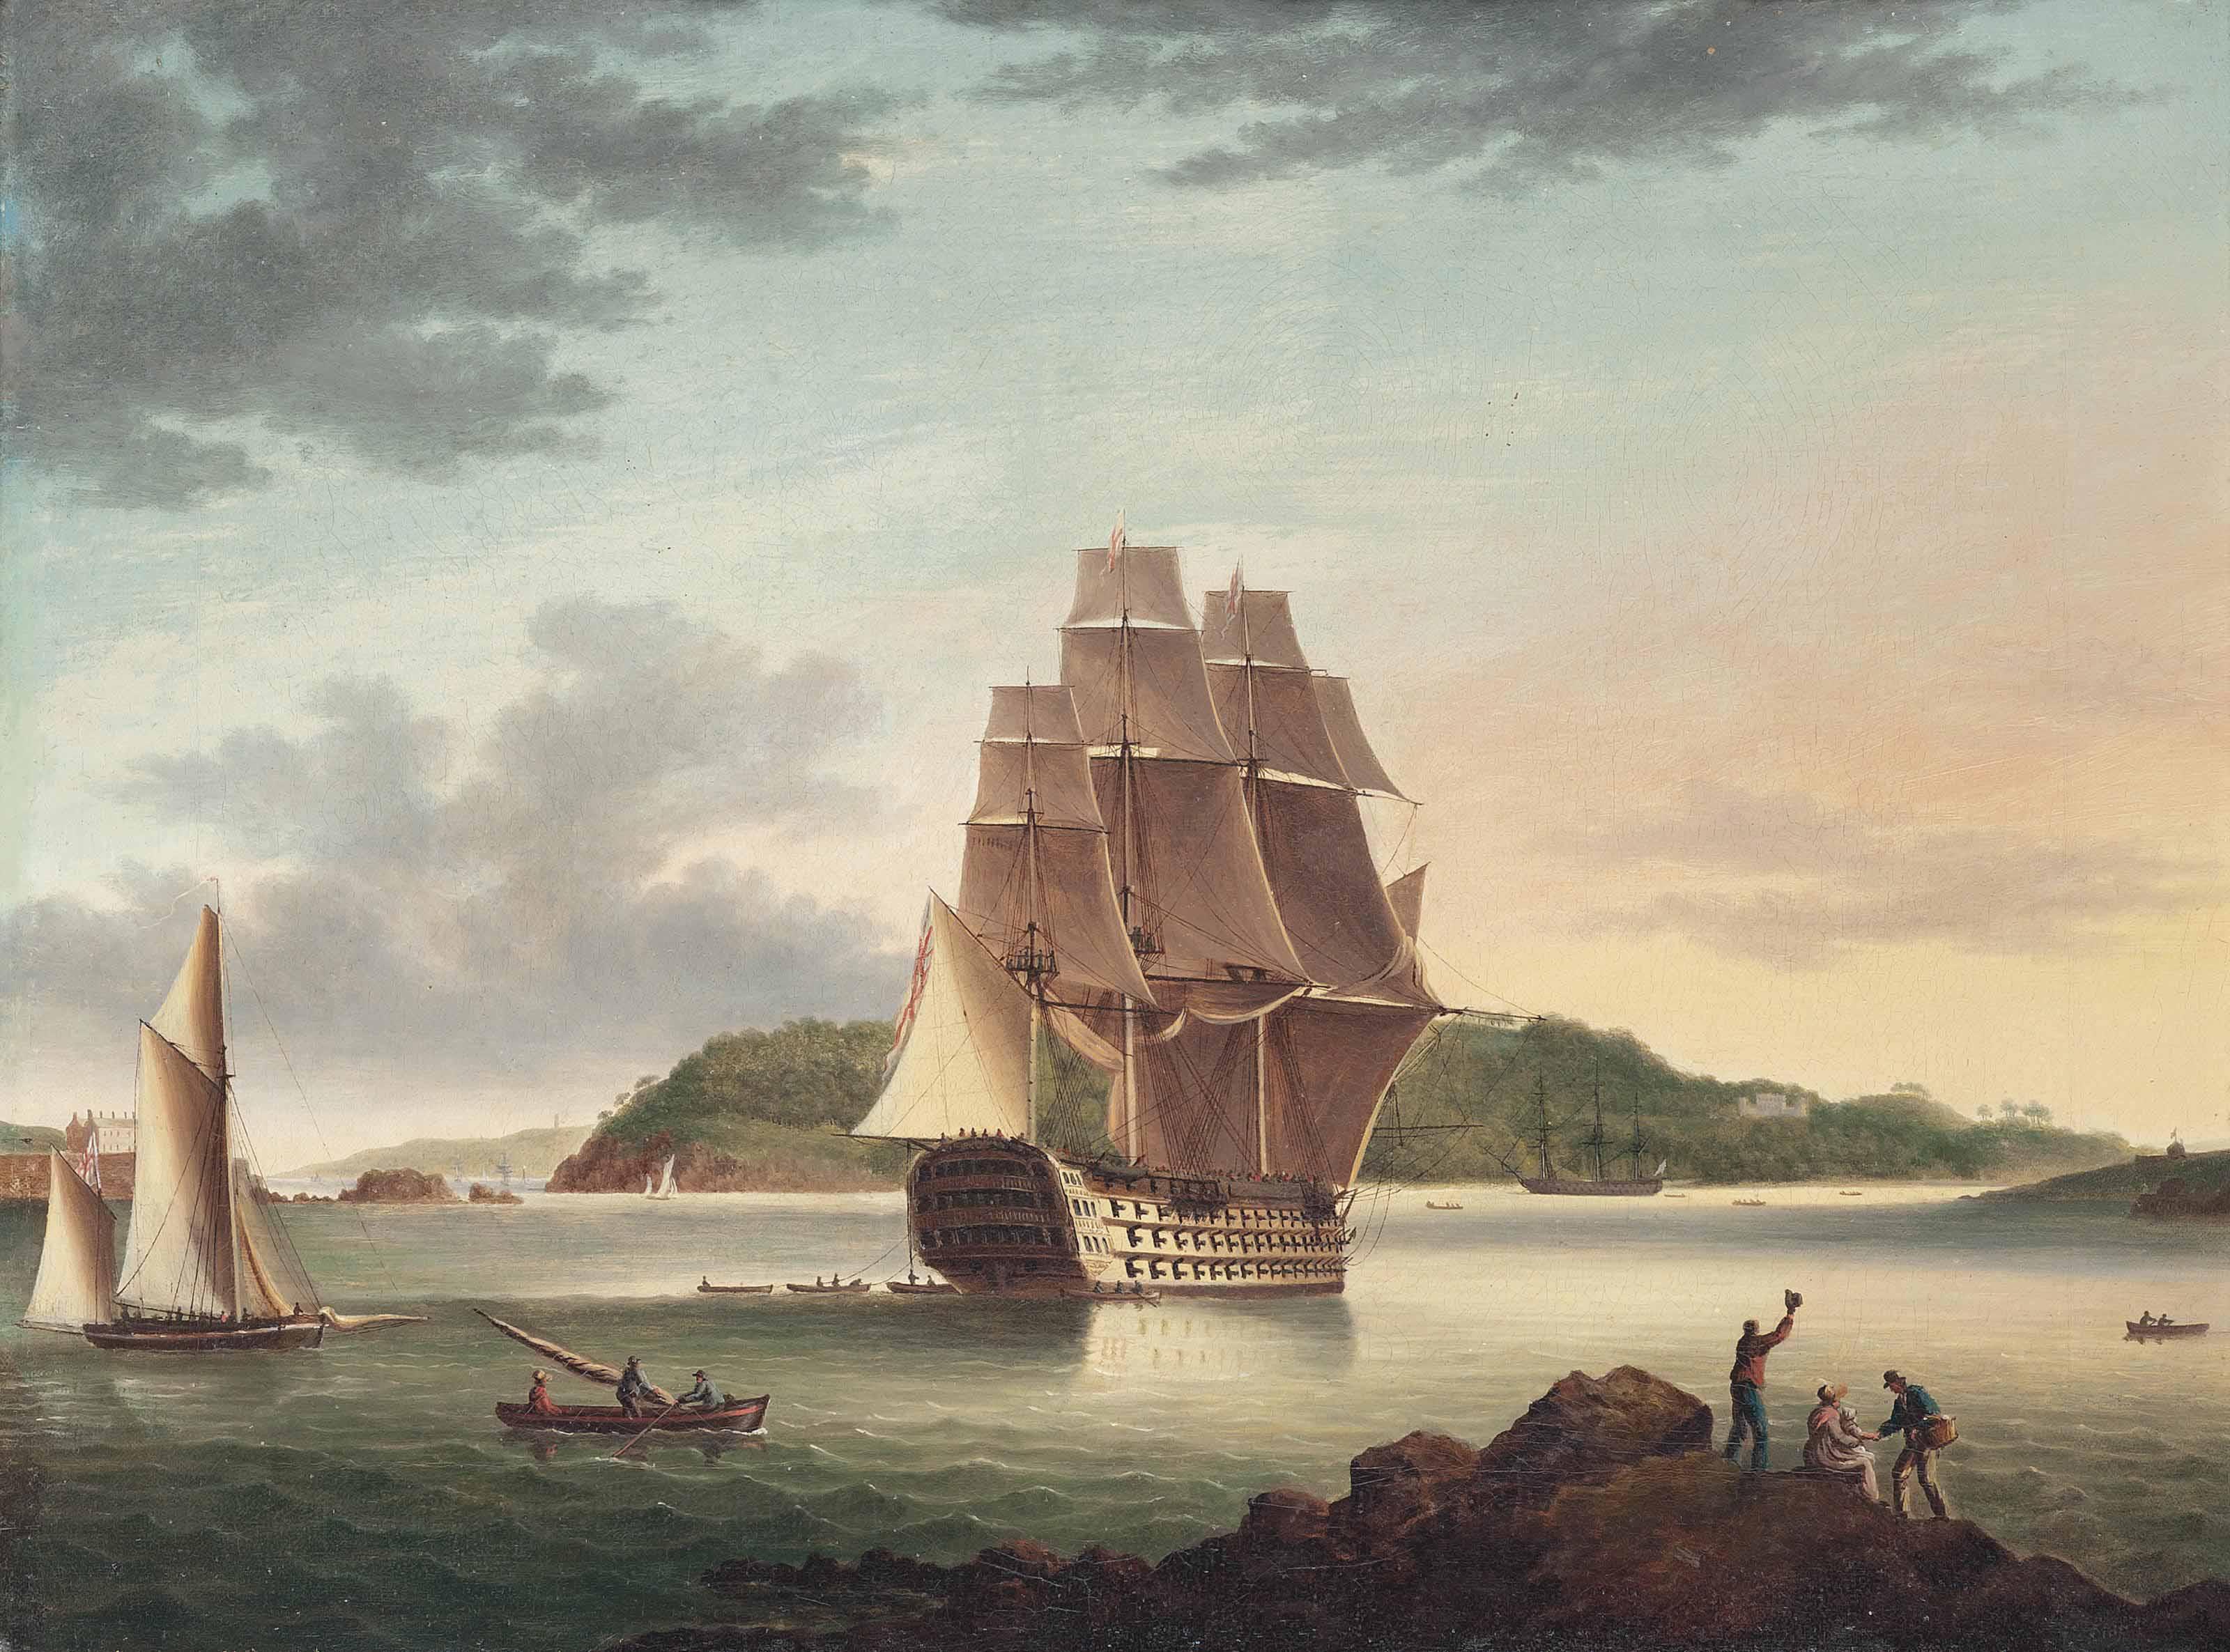 H.M.S. Britannia passing Mt. Edgcumbe in Plymouth Sound